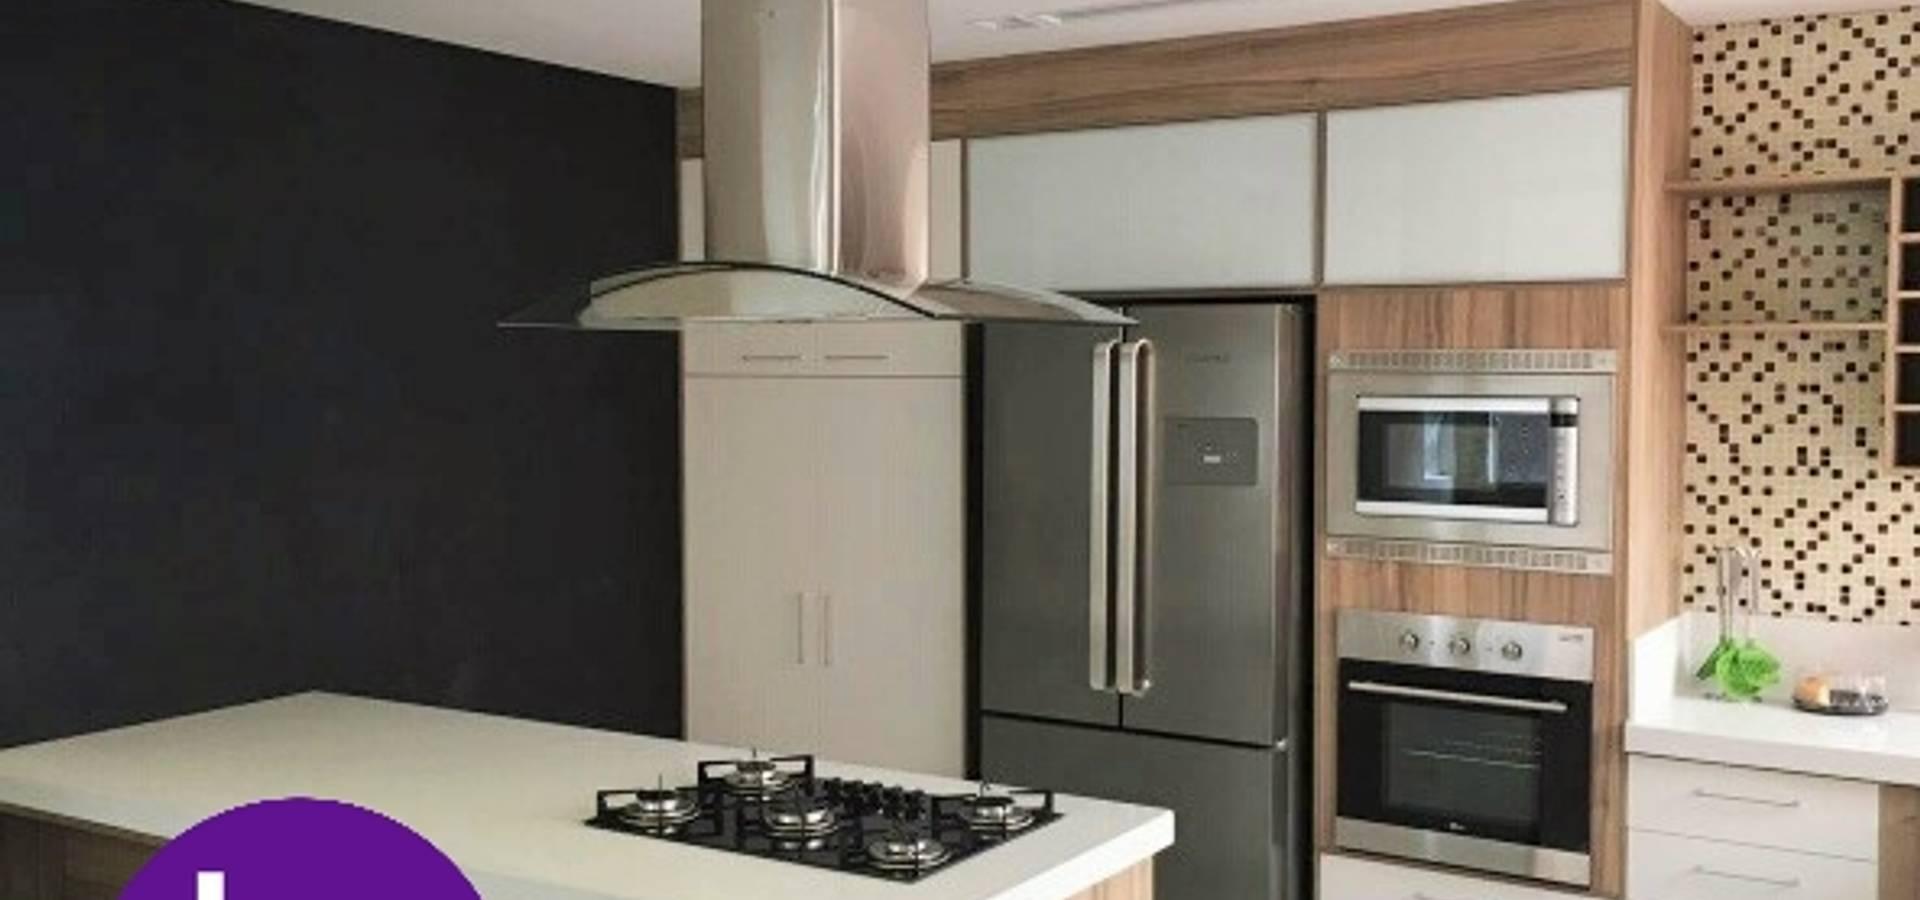 Merizio & Biserra Interiores Ltda